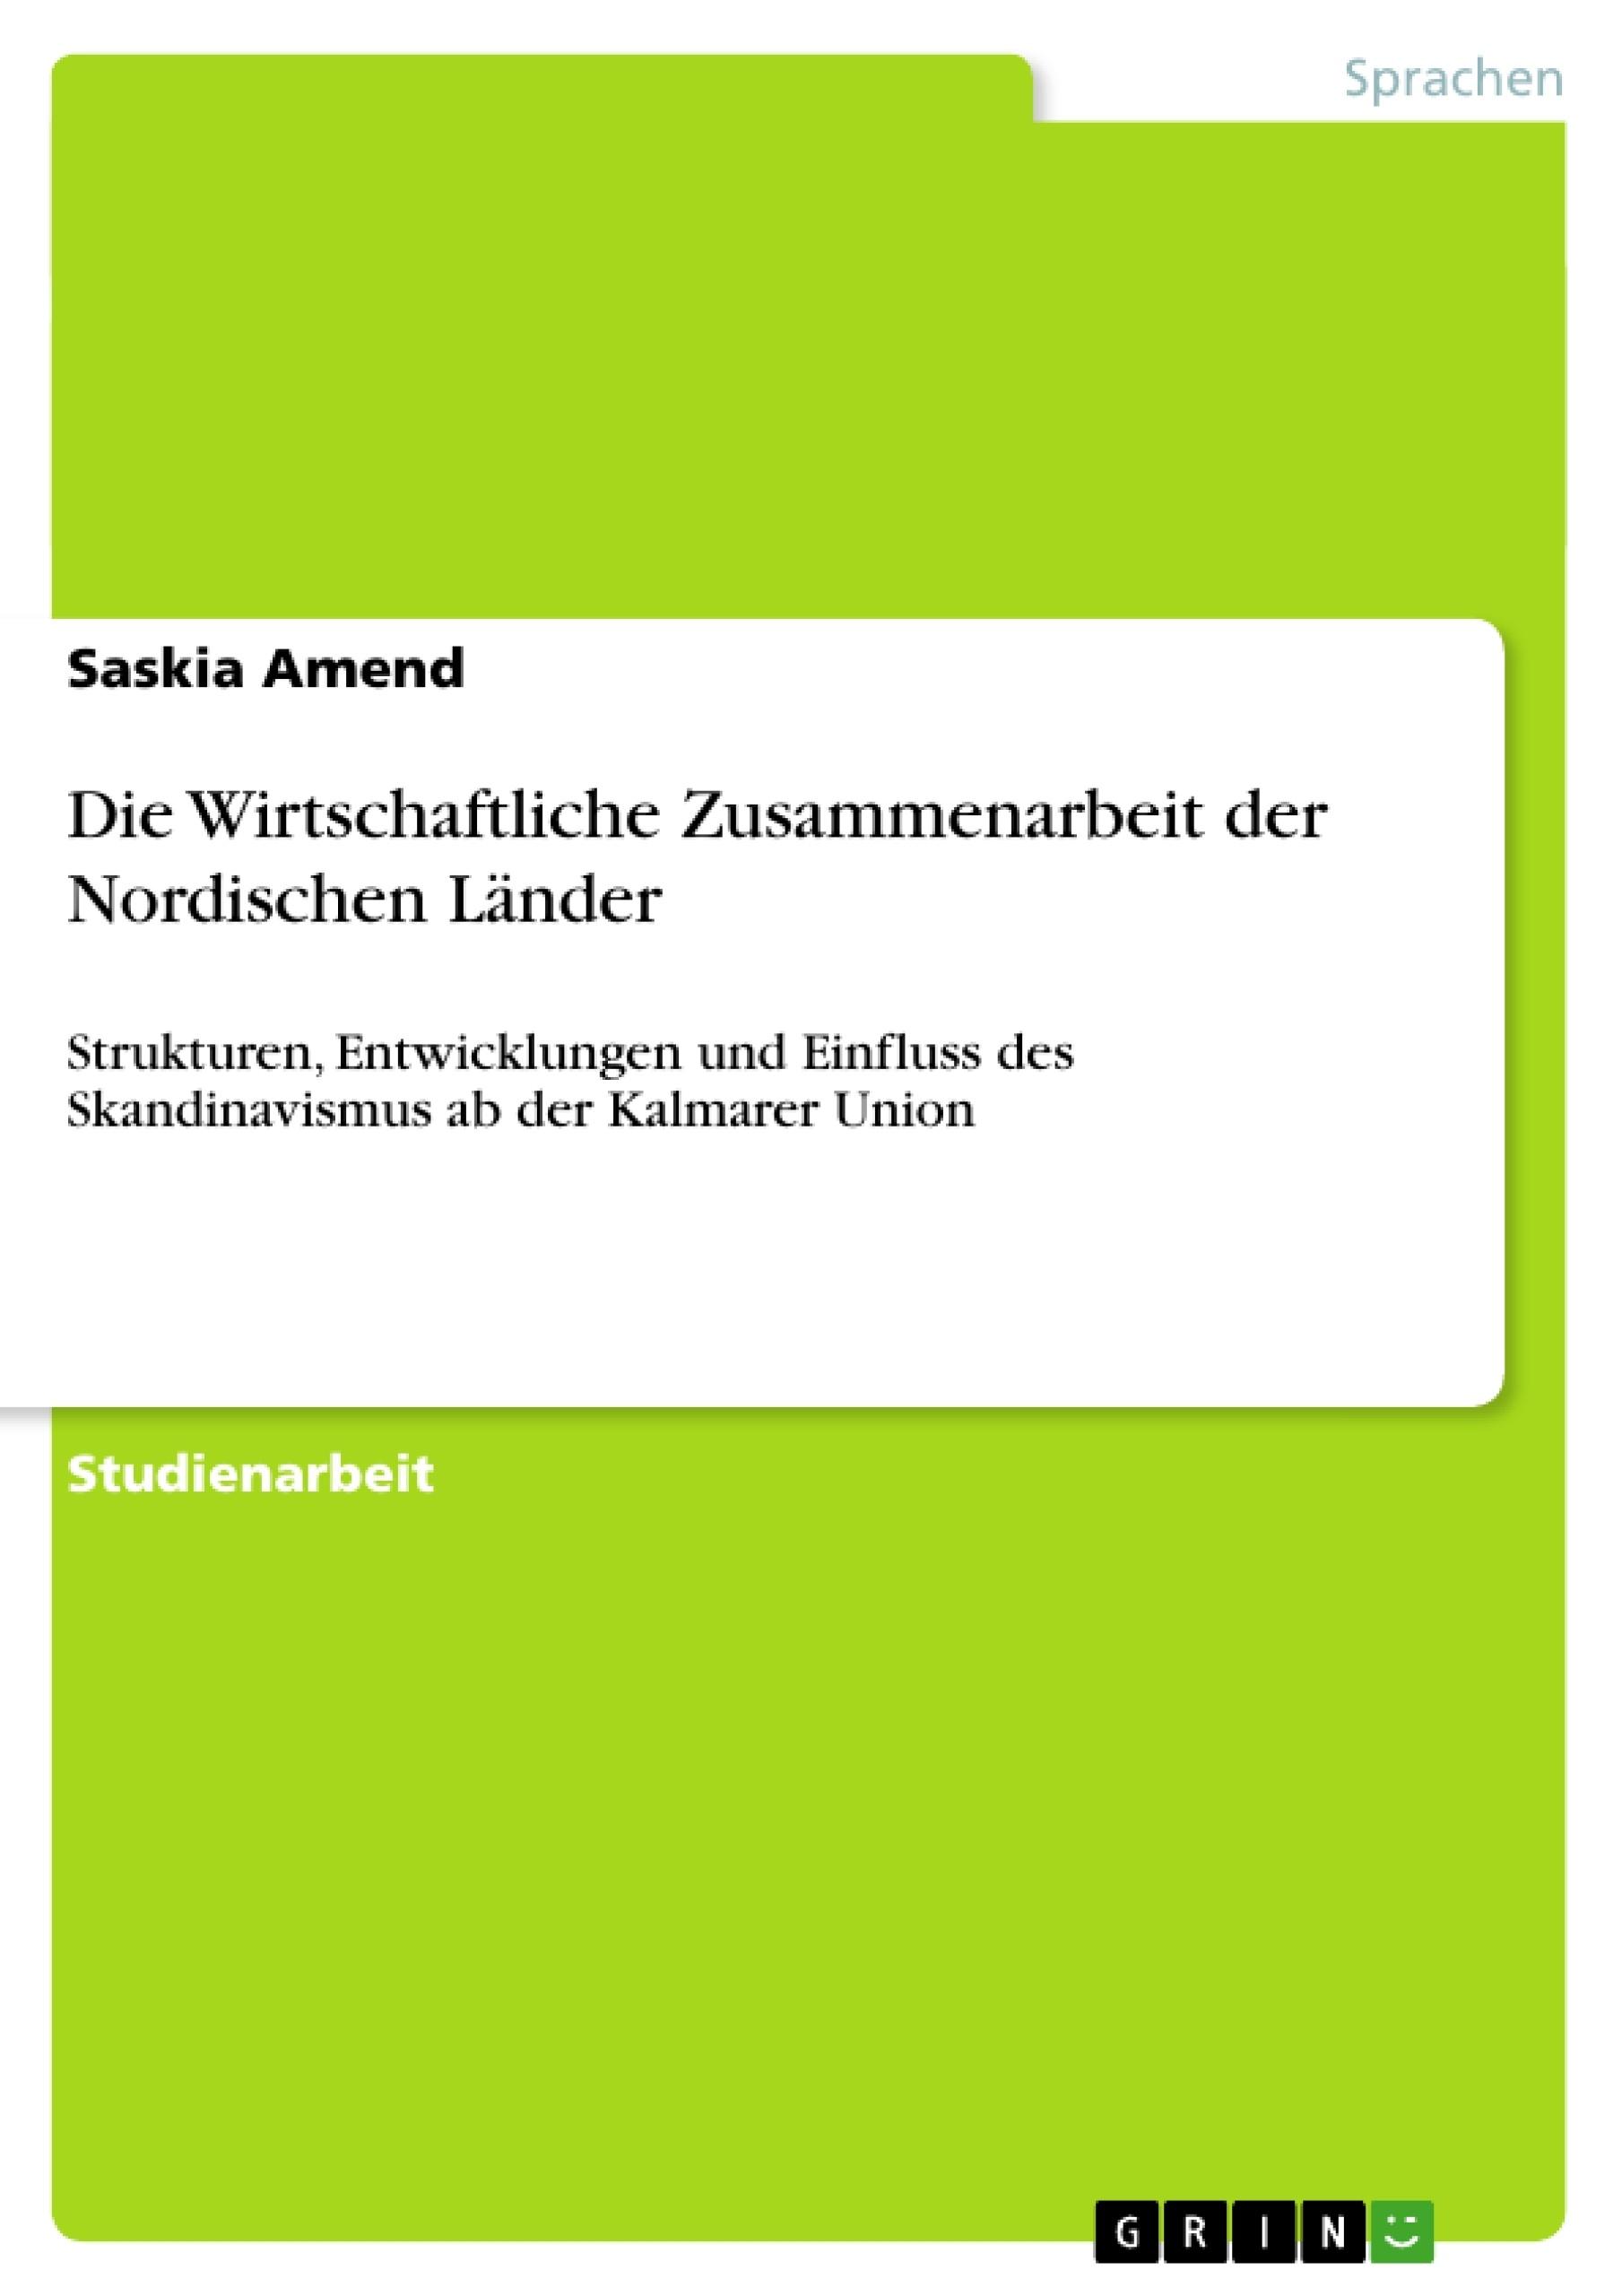 Titel: Die Wirtschaftliche Zusammenarbeit der Nordischen Länder